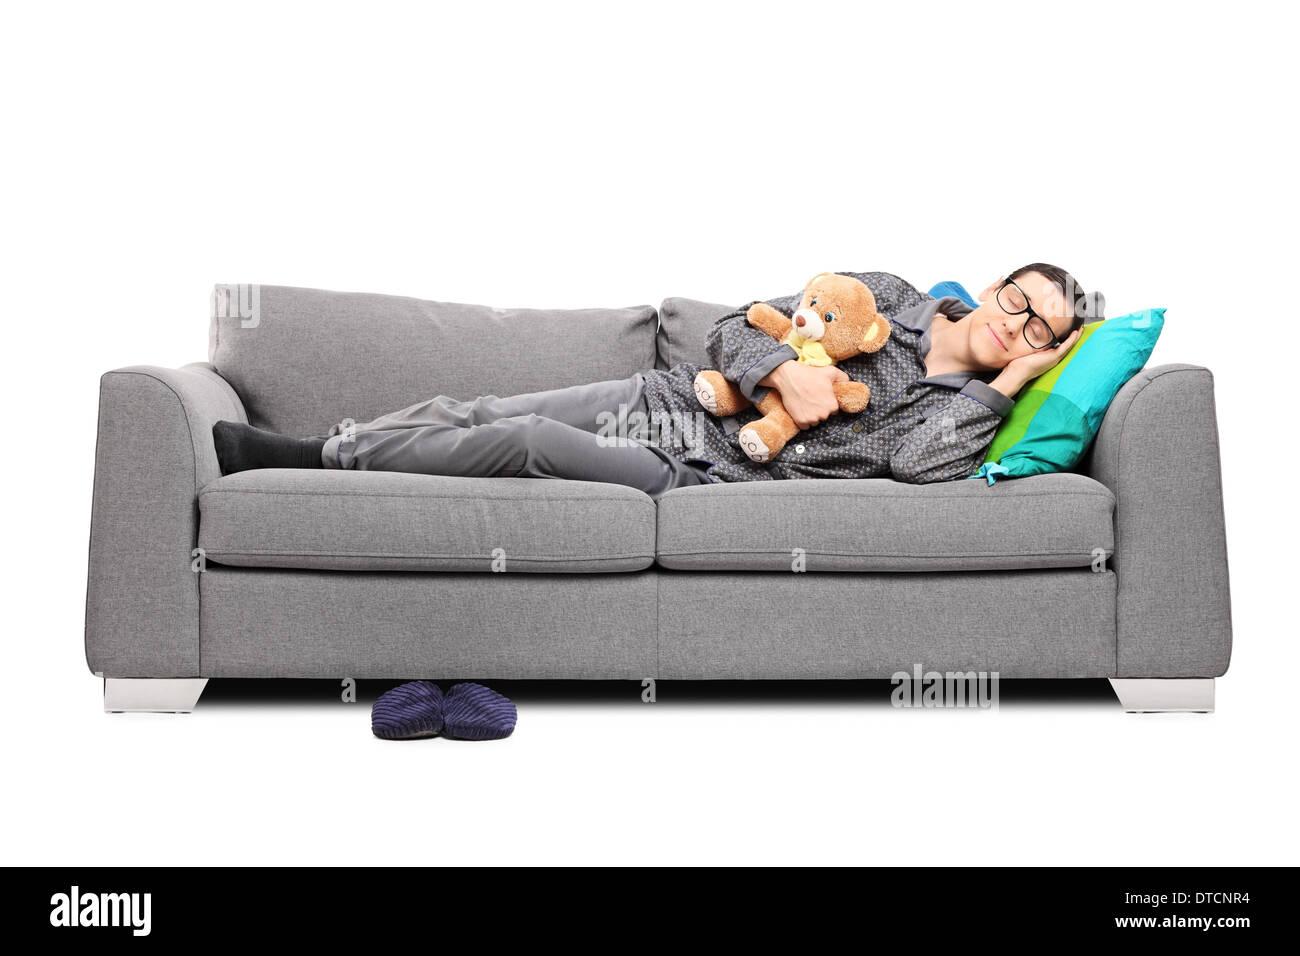 Divano Comodo Per Dormire giovane uomo in pigiama che dorme sul divano con teddy bear